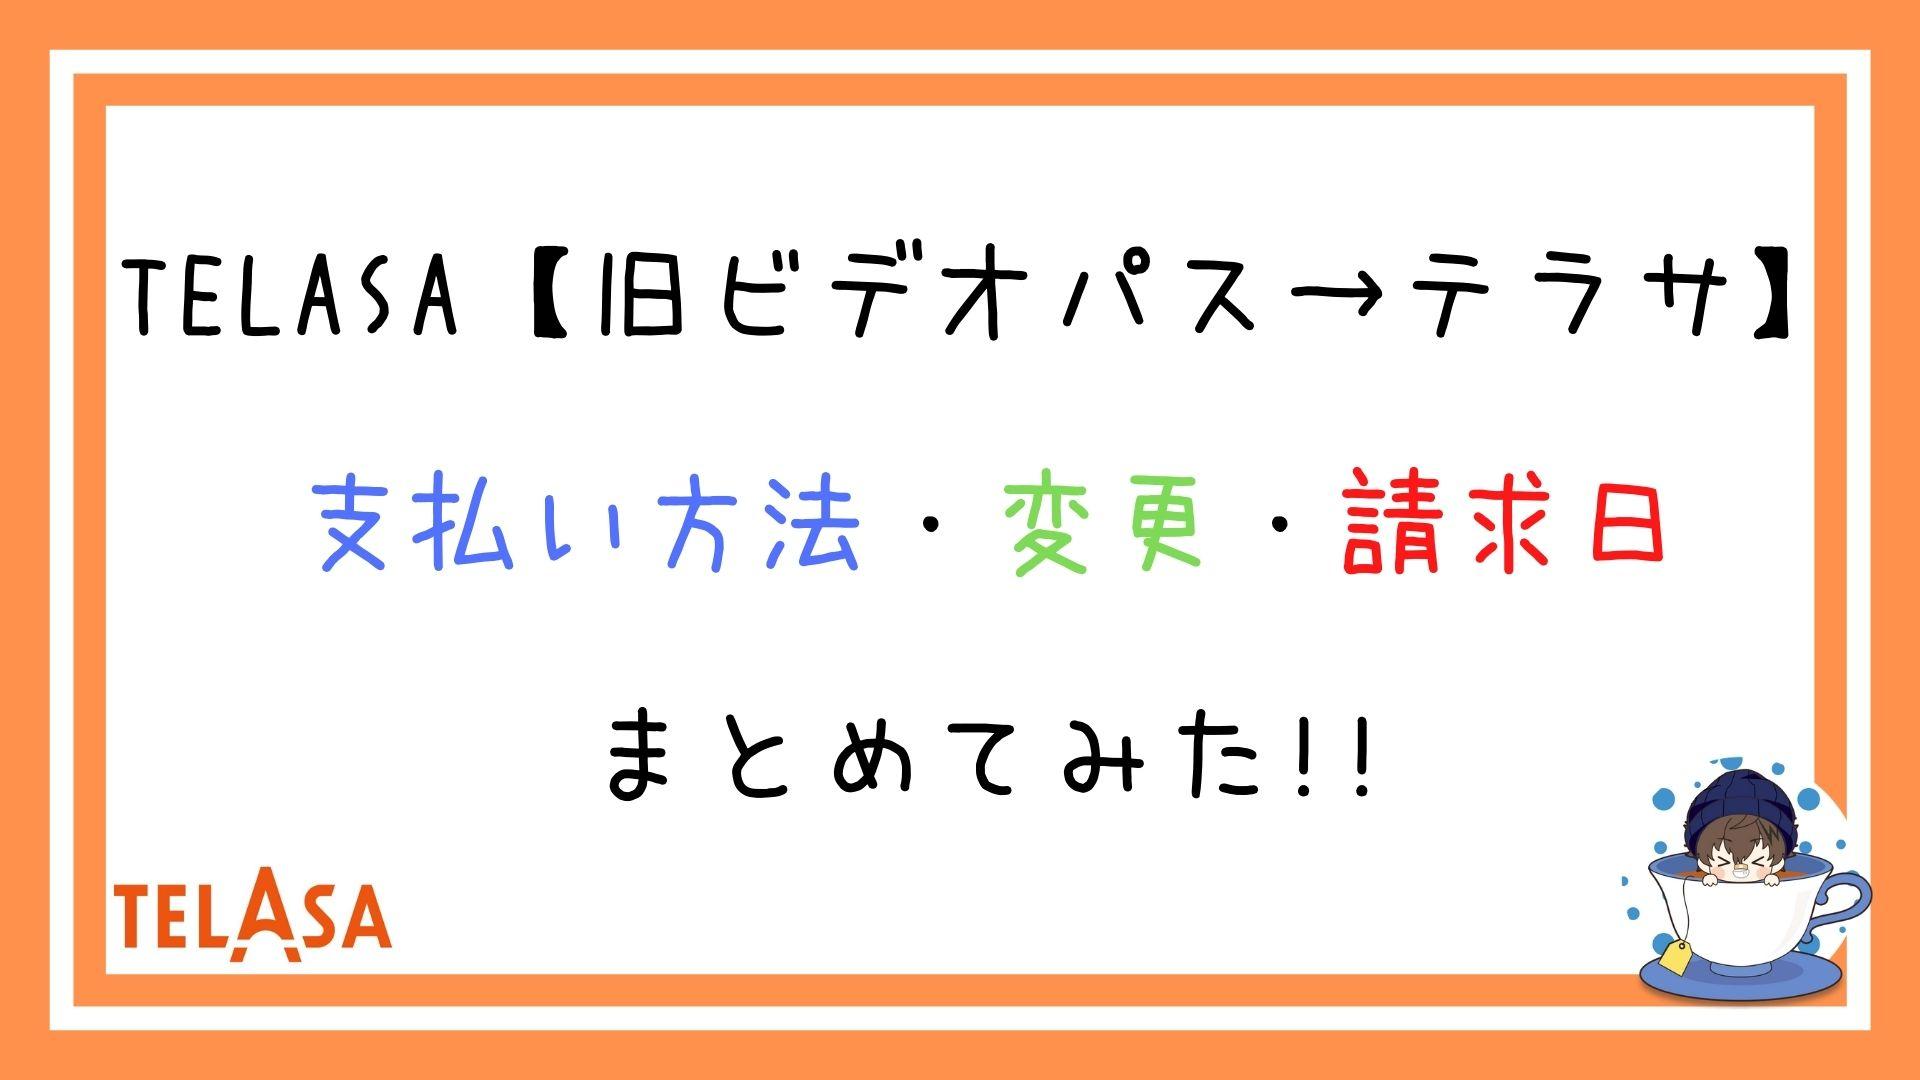 TELASA【旧ビデオパス→テラサ】の支払い方法・変更・請求日をまとめてみた!!